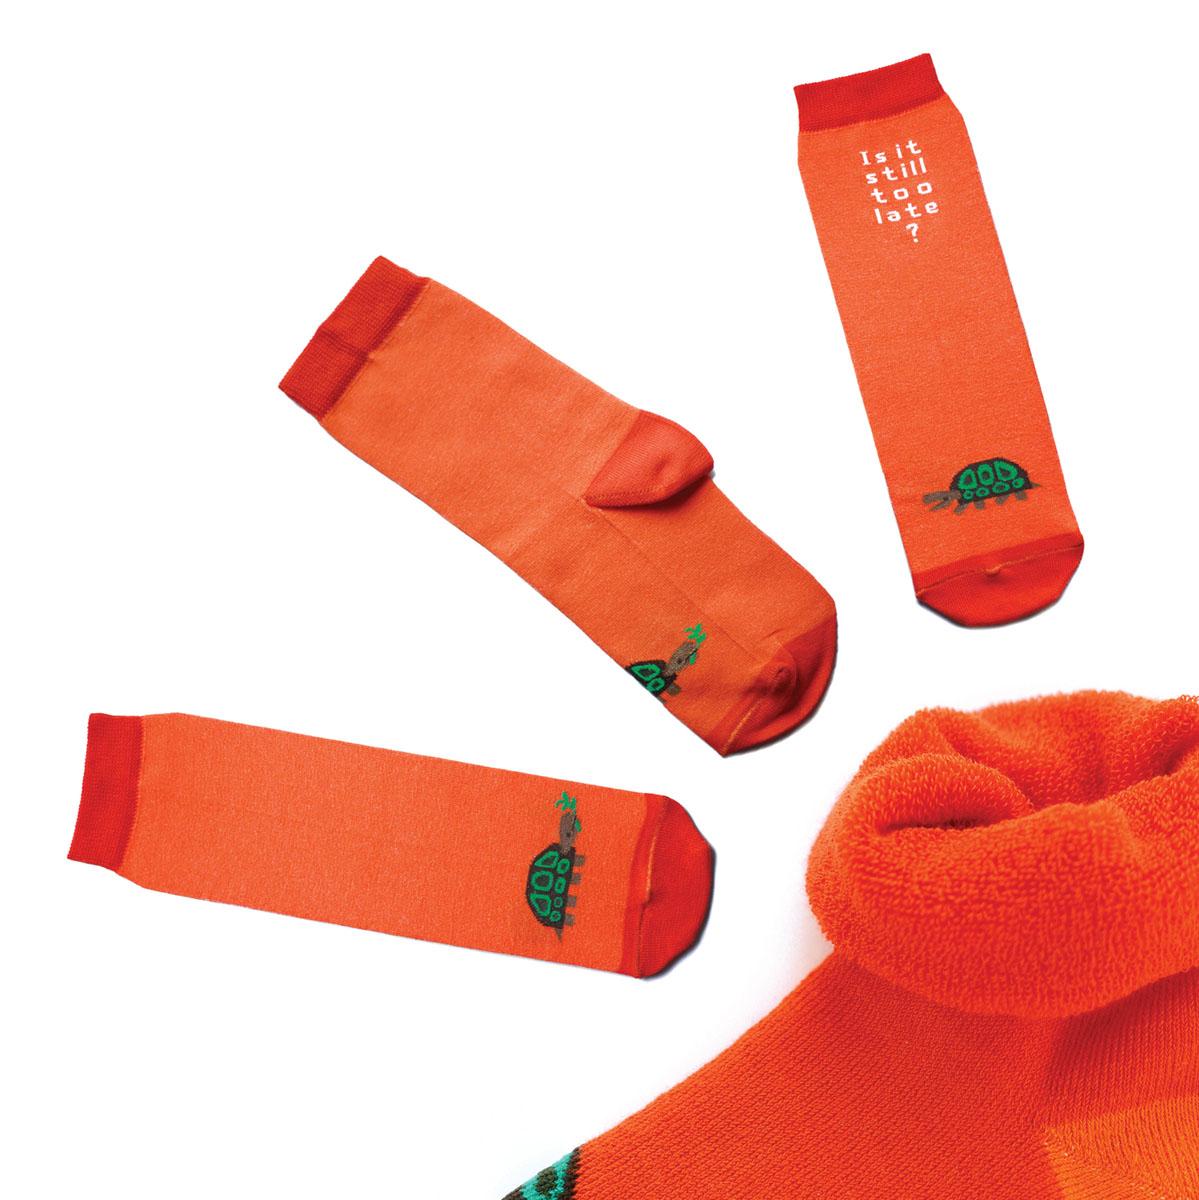 Носкиca1523Яркие женские носки Big Bang Socks изготовлены из высококачественного хлопка с добавлением полиамидных и эластановых волокон, которые обеспечивают великолепную посадку. Носки отличаются ярким стильным дизайном. Они оформлены изображением черепахи и надписью на английском языке. Удобная резинка идеально облегает ногу и не пережимает сосуды, усиленные пятка и мысок повышают износоустойчивость носка, а удлиненный паголенок придает более эстетичный вид. Дизайнерские носки Big Bang Socks - яркая деталь в вашем образе и оригинальный подарок для друзей и близких.